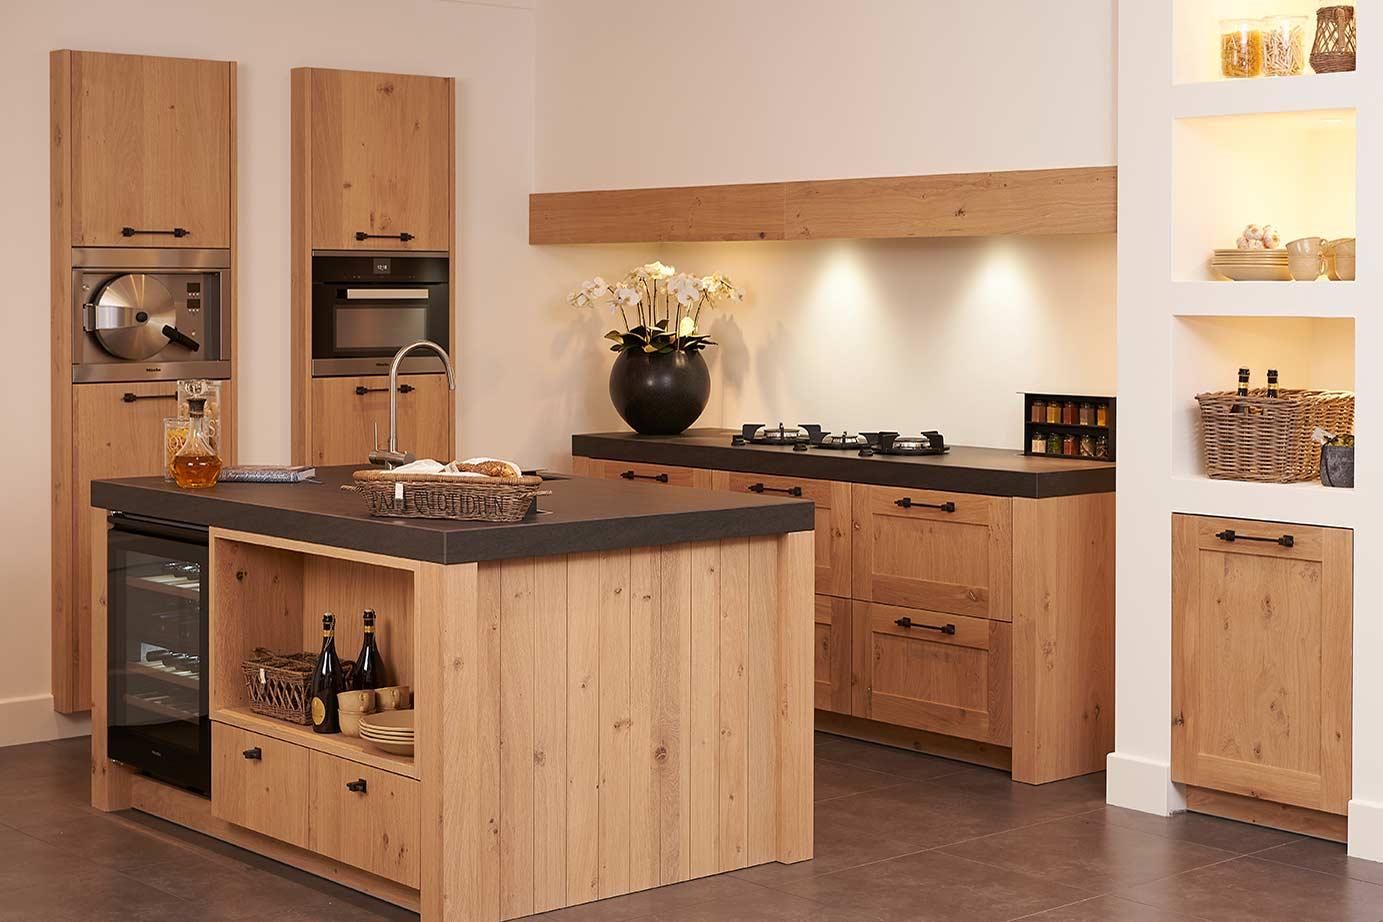 Old Wood keukens, eiken keukens Natuurlijk schoon! DB